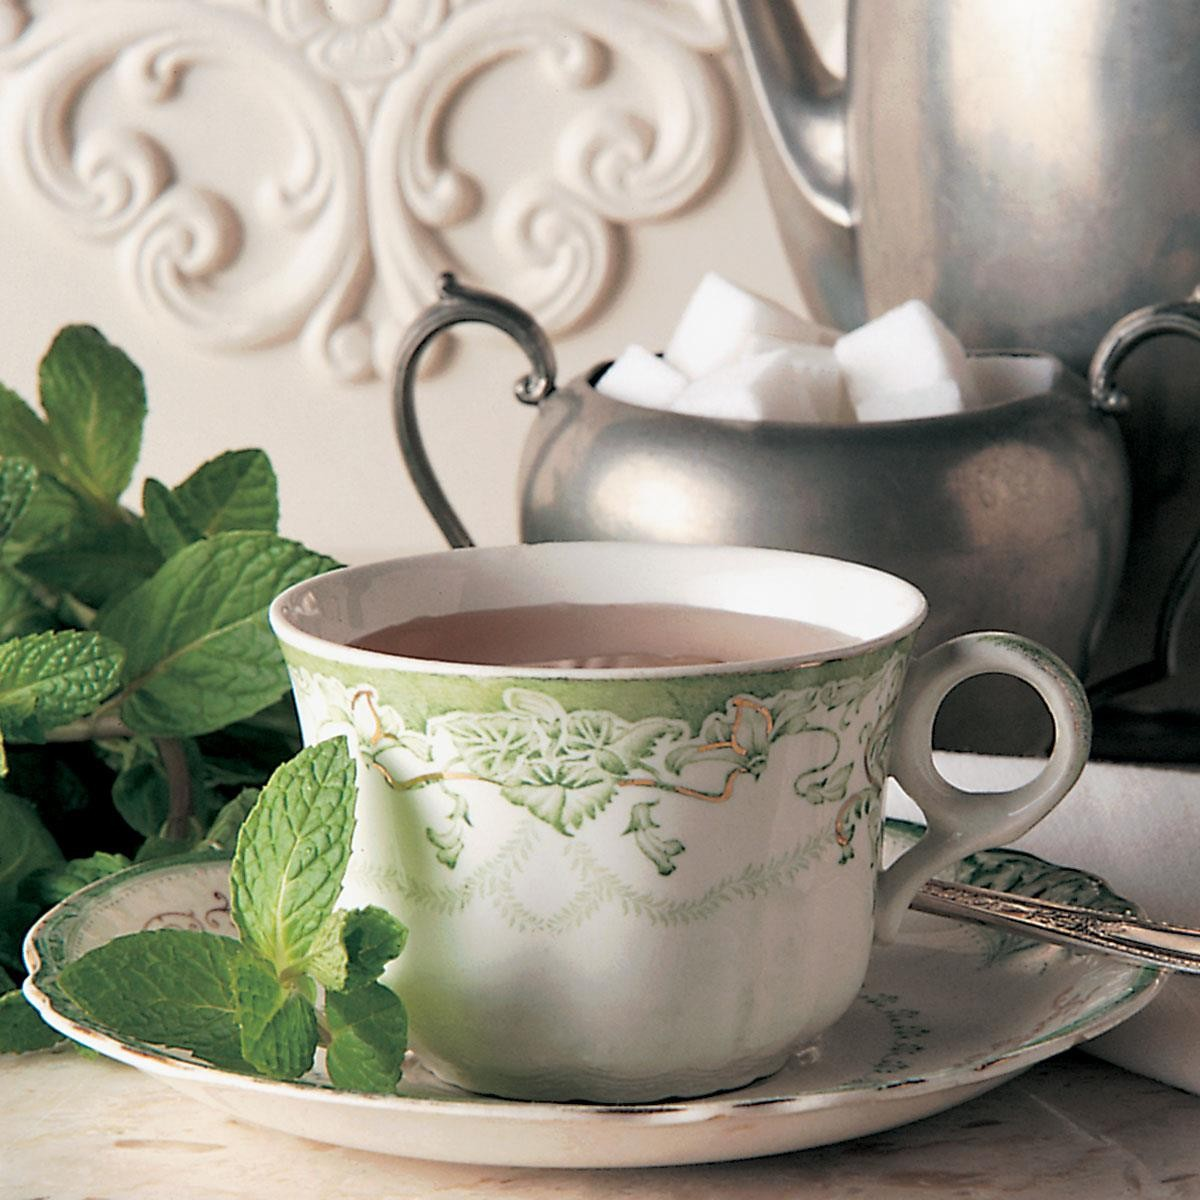 مزایای و فوائد نعناع و چای نعناع چیست؟